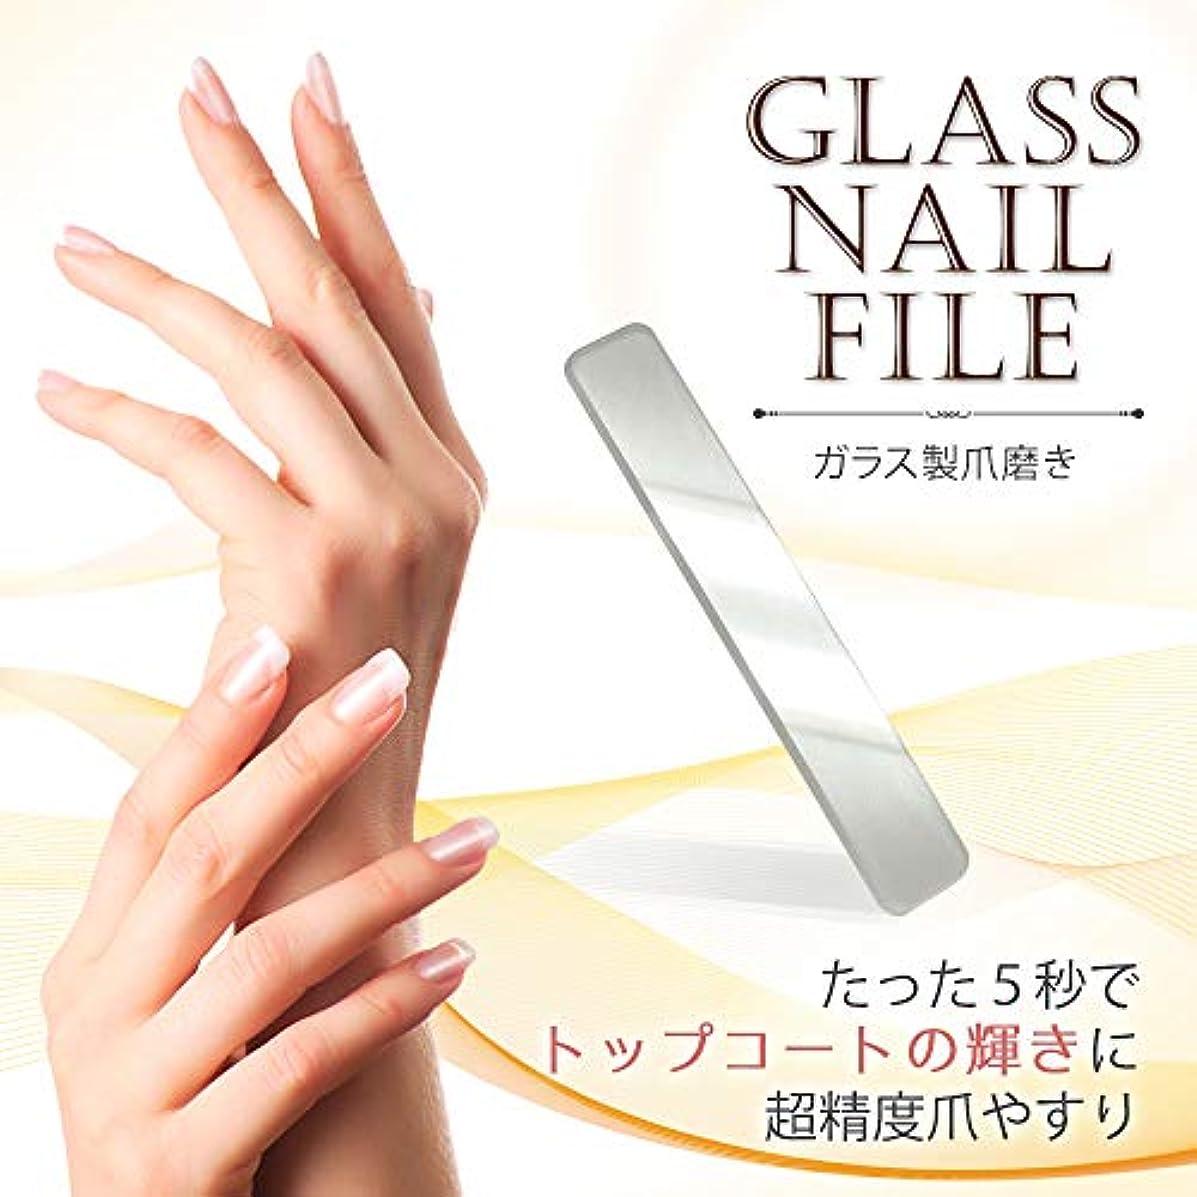 チョップ巨大可動5秒で実感 Glass Nail File (ガラス製 爪やすり 爪みがき つめみがき 爪磨き ネイルファイル ネイルシャイナー グラスシャイナー バッファー ネイルケア 爪ケア)